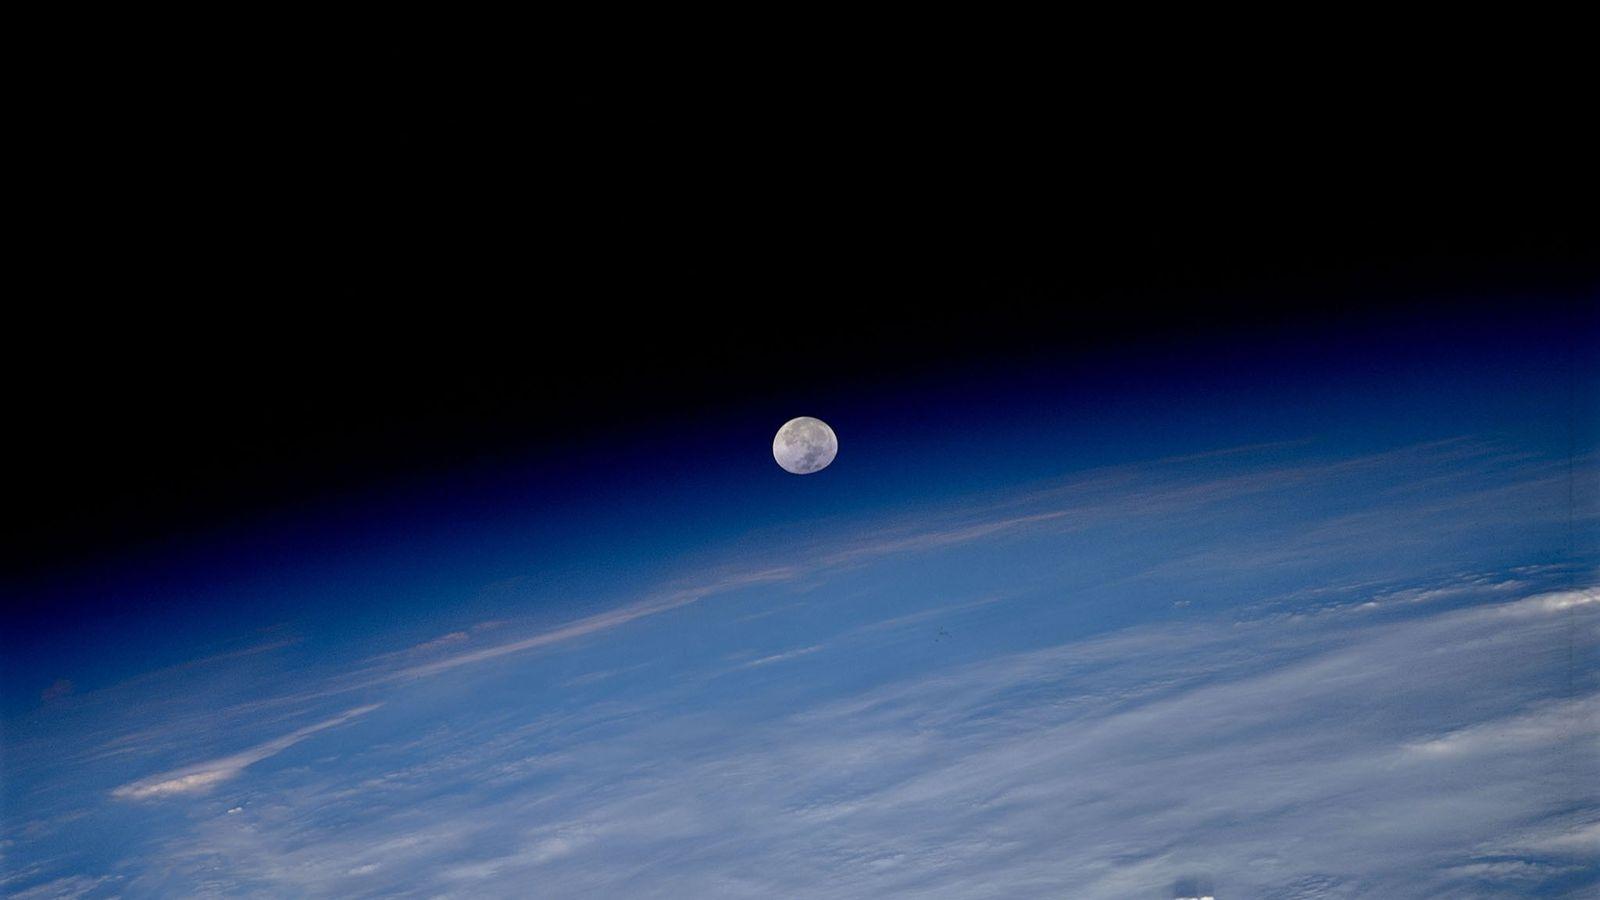 La Lune semble suspendue entre l'atmosphère de la Terre et l'obscurité de l'espace sur ce cliché ...